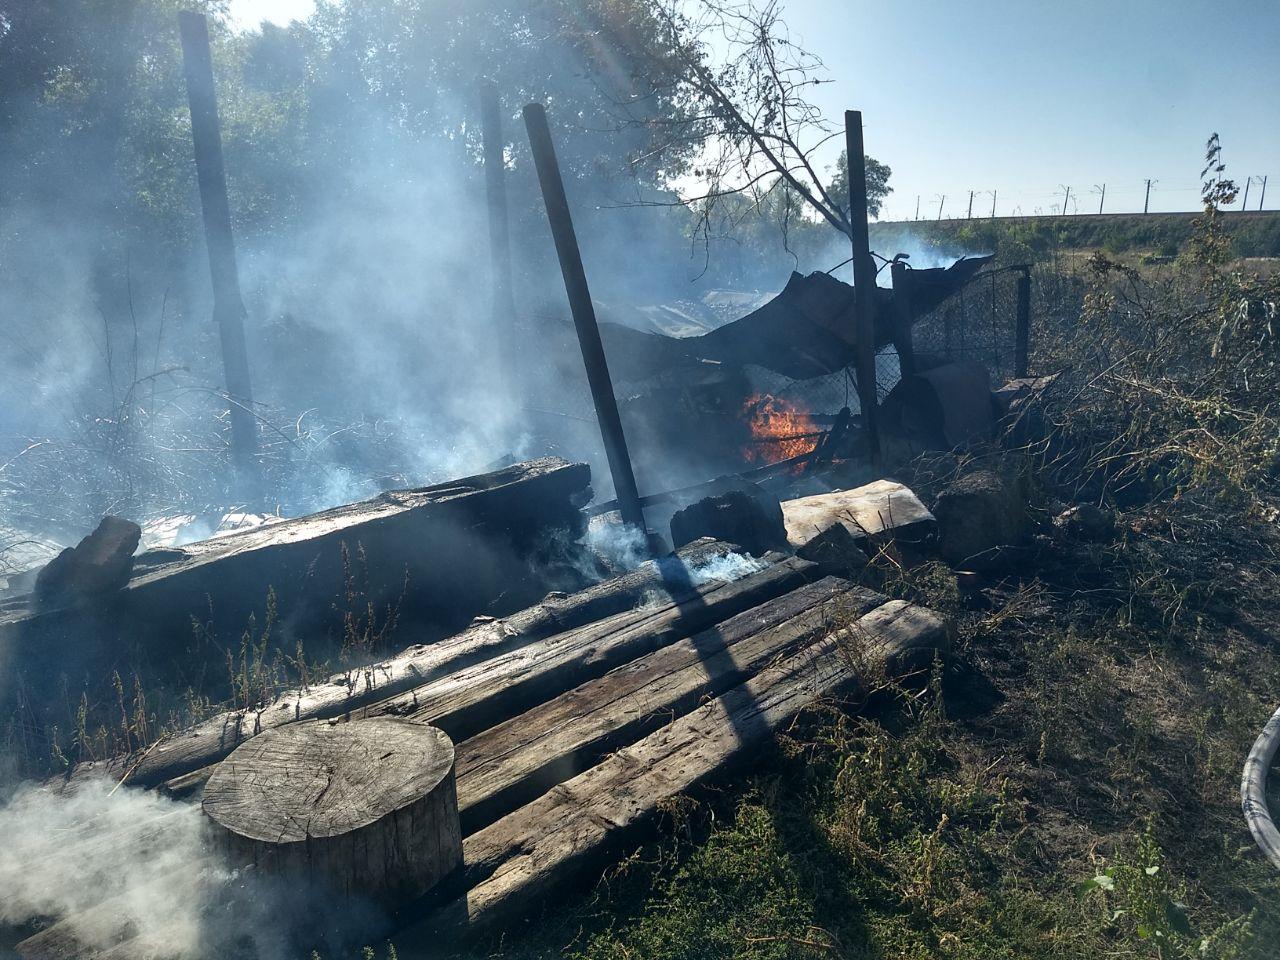 Из-за поджога неизвестным травы едва не сгорели жилые дома